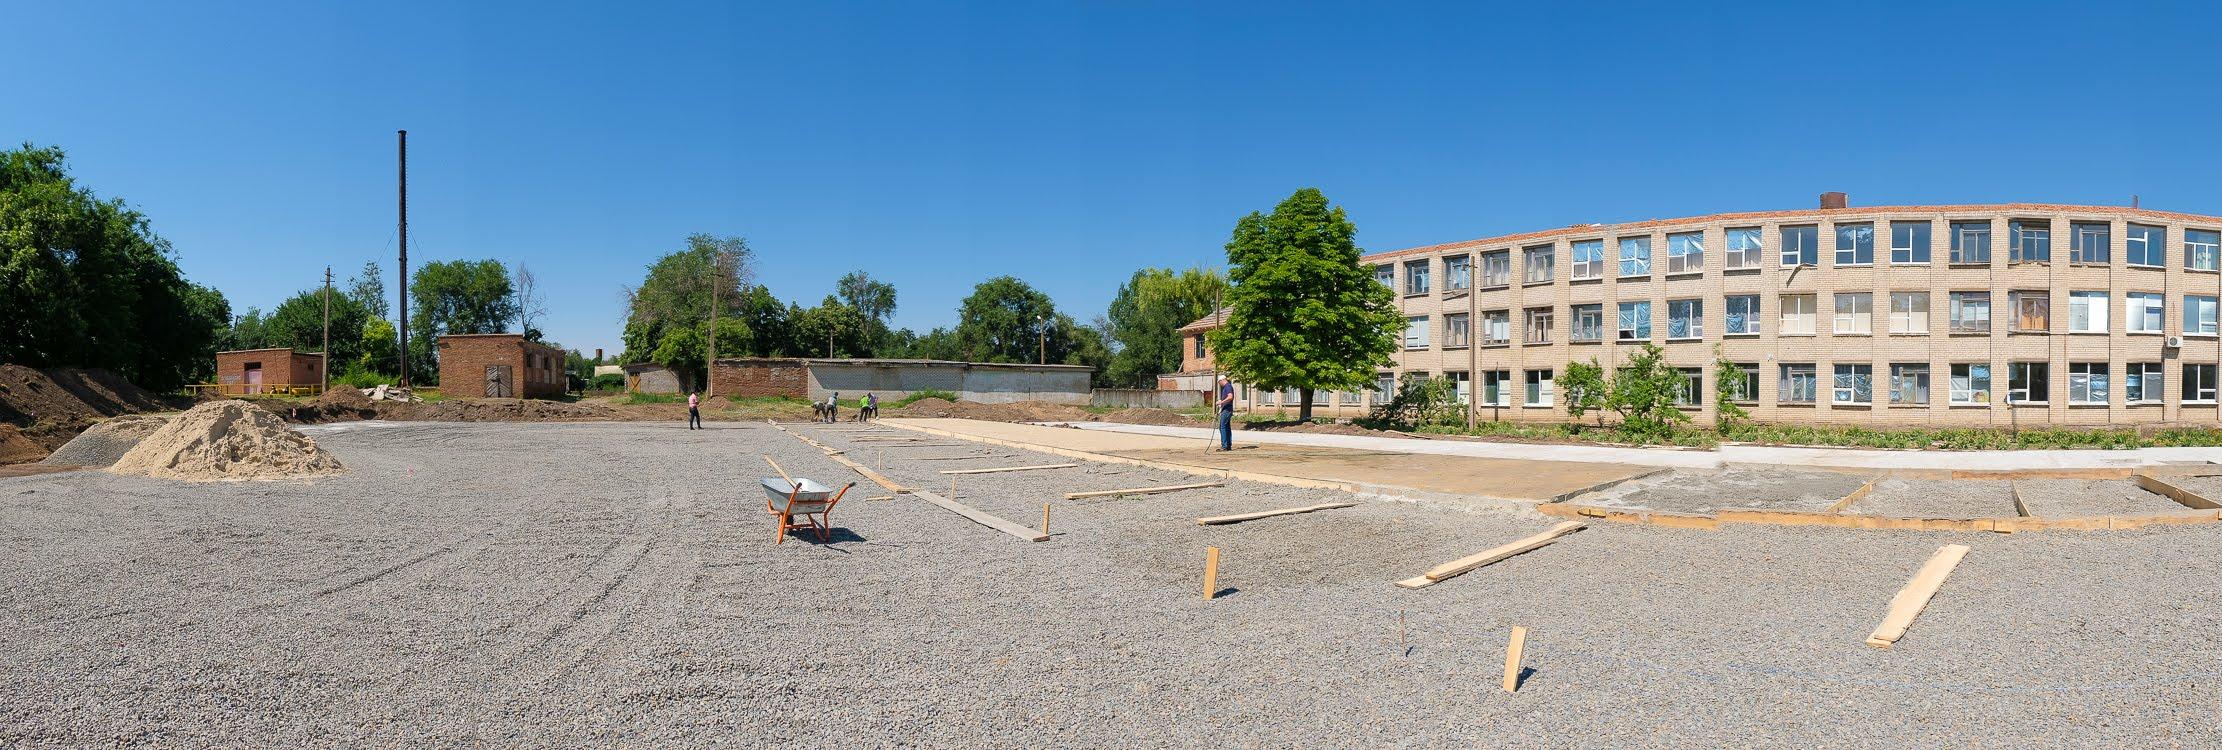 В Софиевской опорной школе создают современный стадион с искусственным покрытием